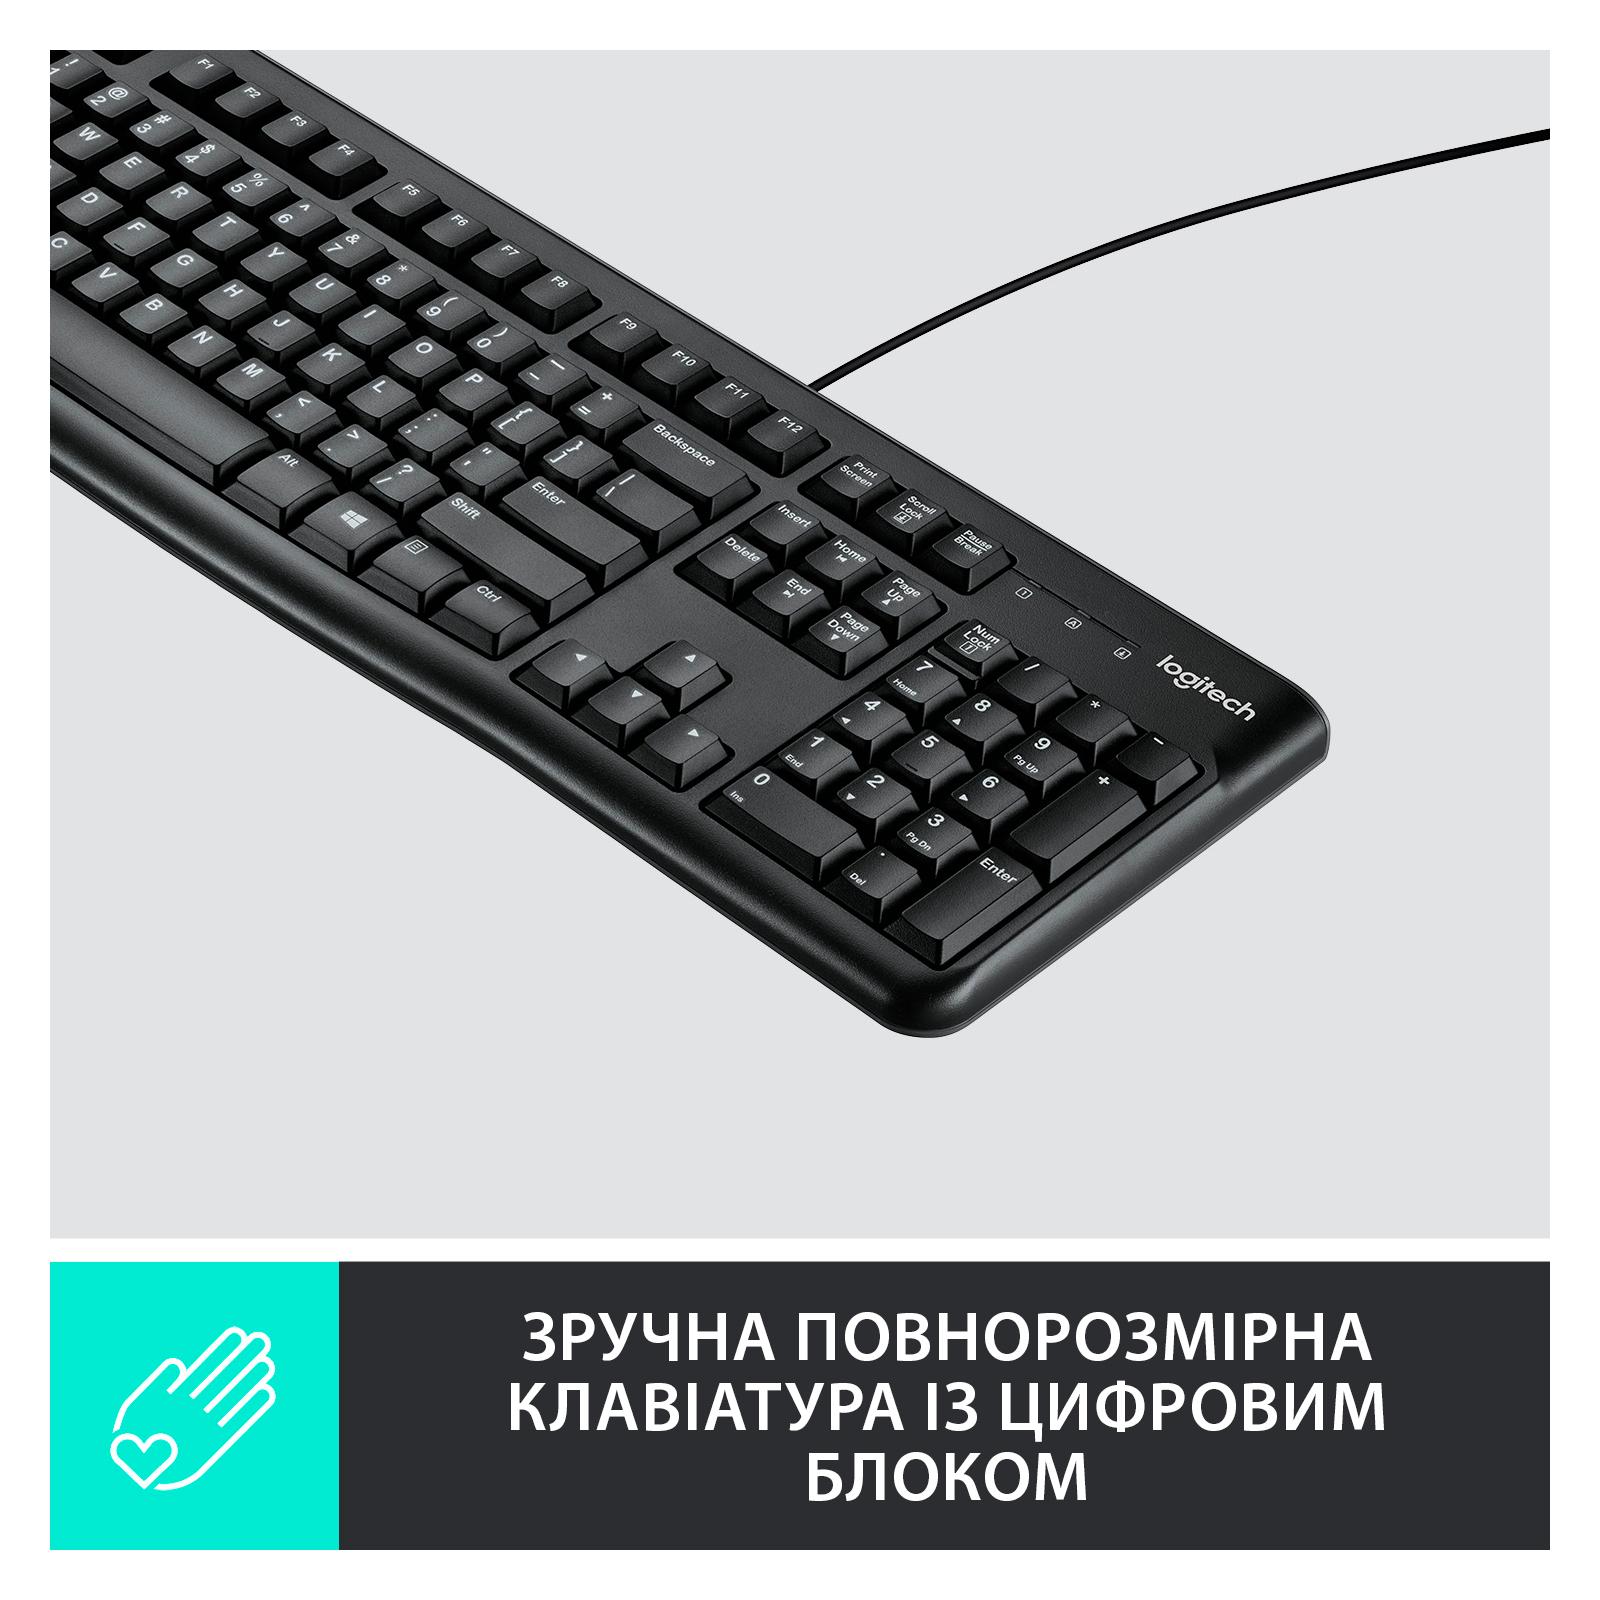 Клавиатура Logitech K120 Ru (920-002522) изображение 2